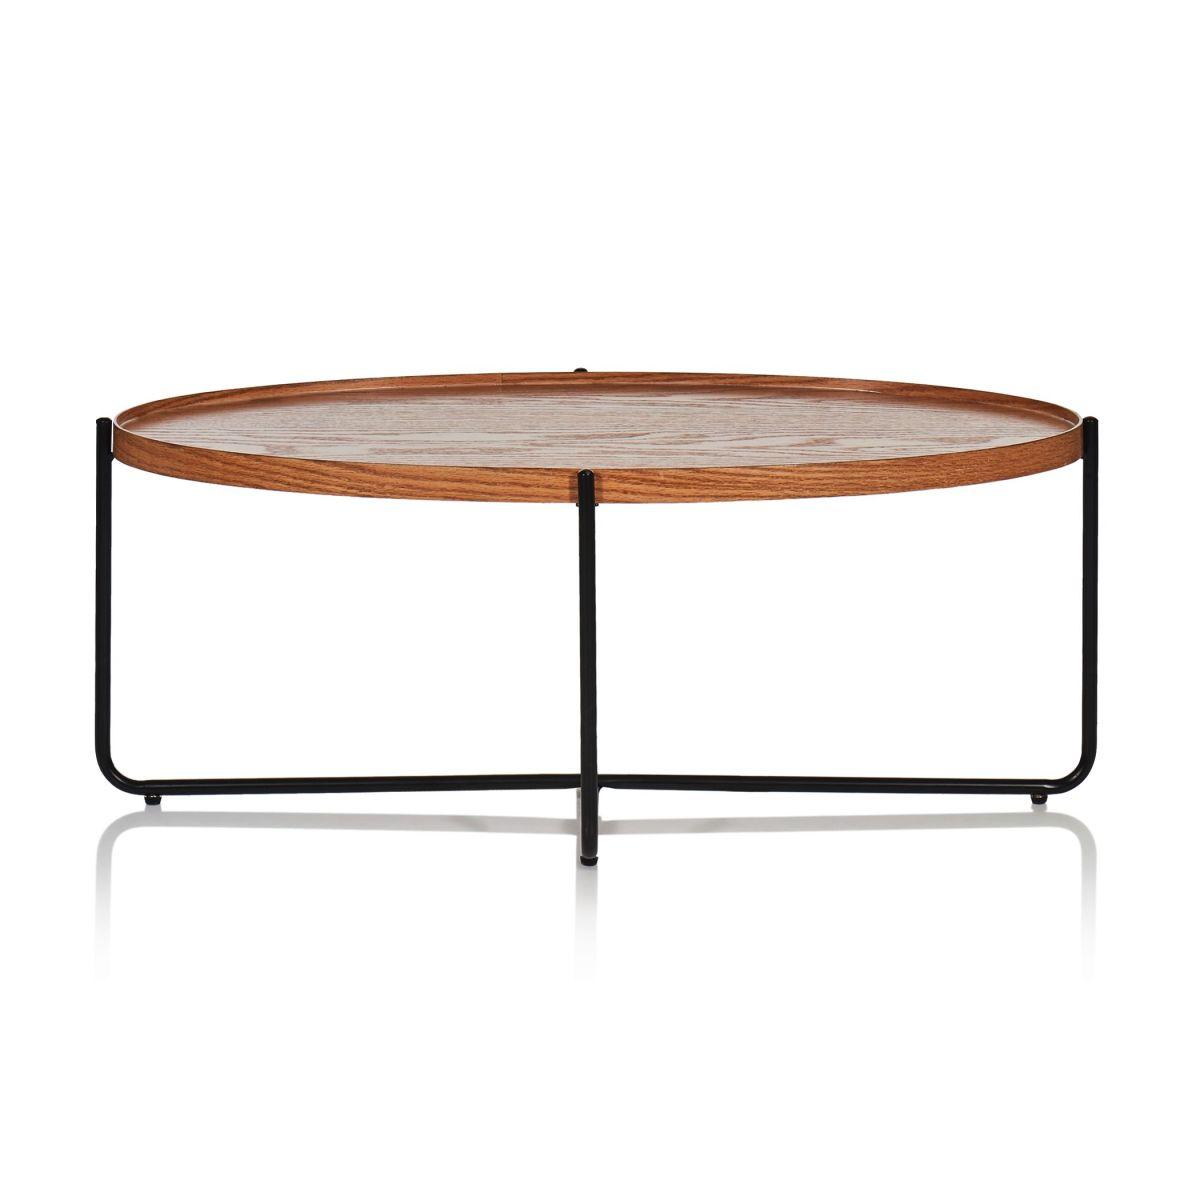 couchtisch oval skandinavischer look versandkostenfreie m bel online bestellen. Black Bedroom Furniture Sets. Home Design Ideas